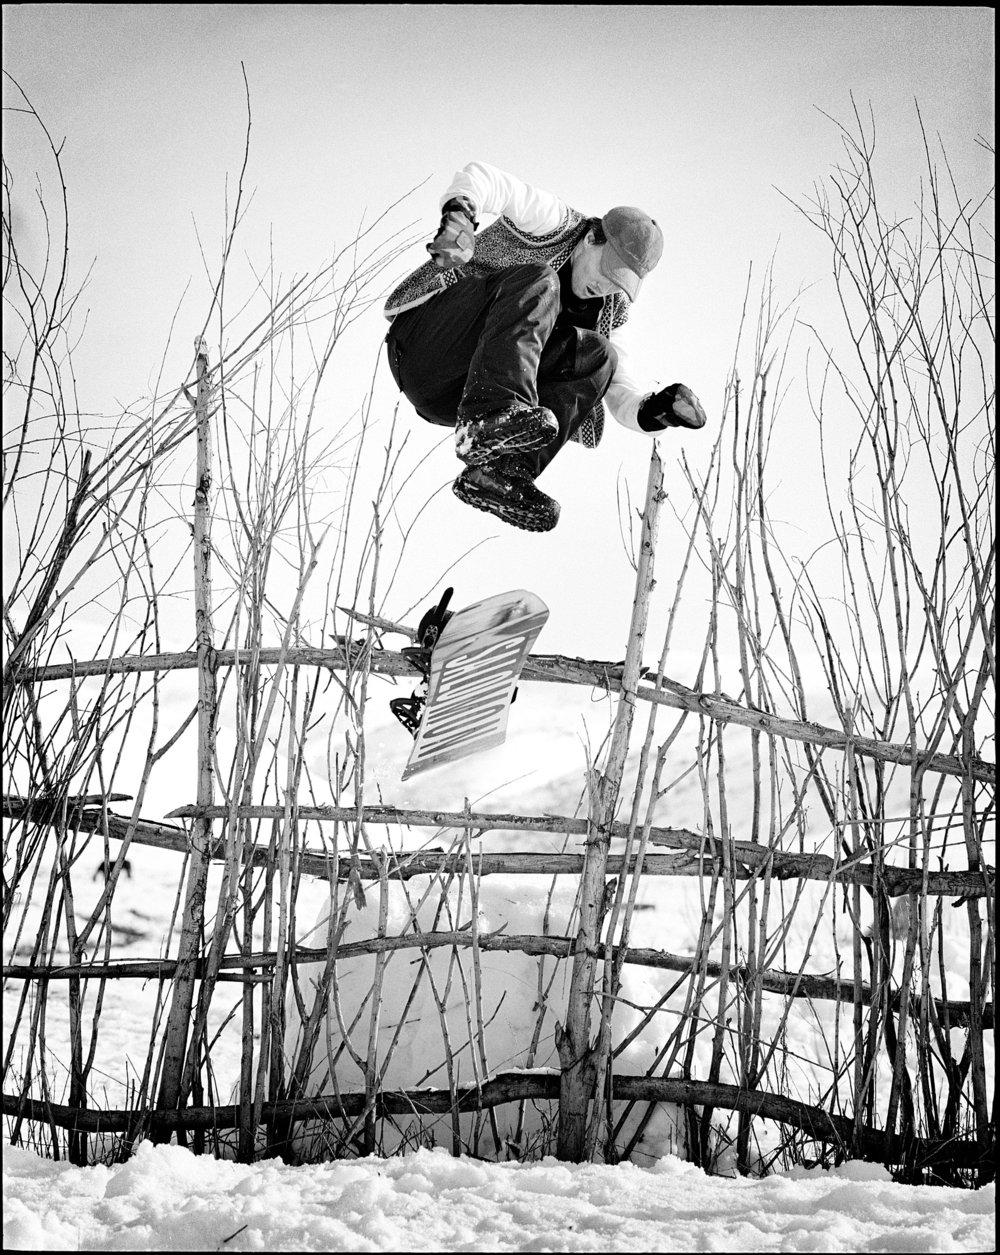 P67_400triX_189_Toni_Kerkela_hippie_jump_HD.jpg